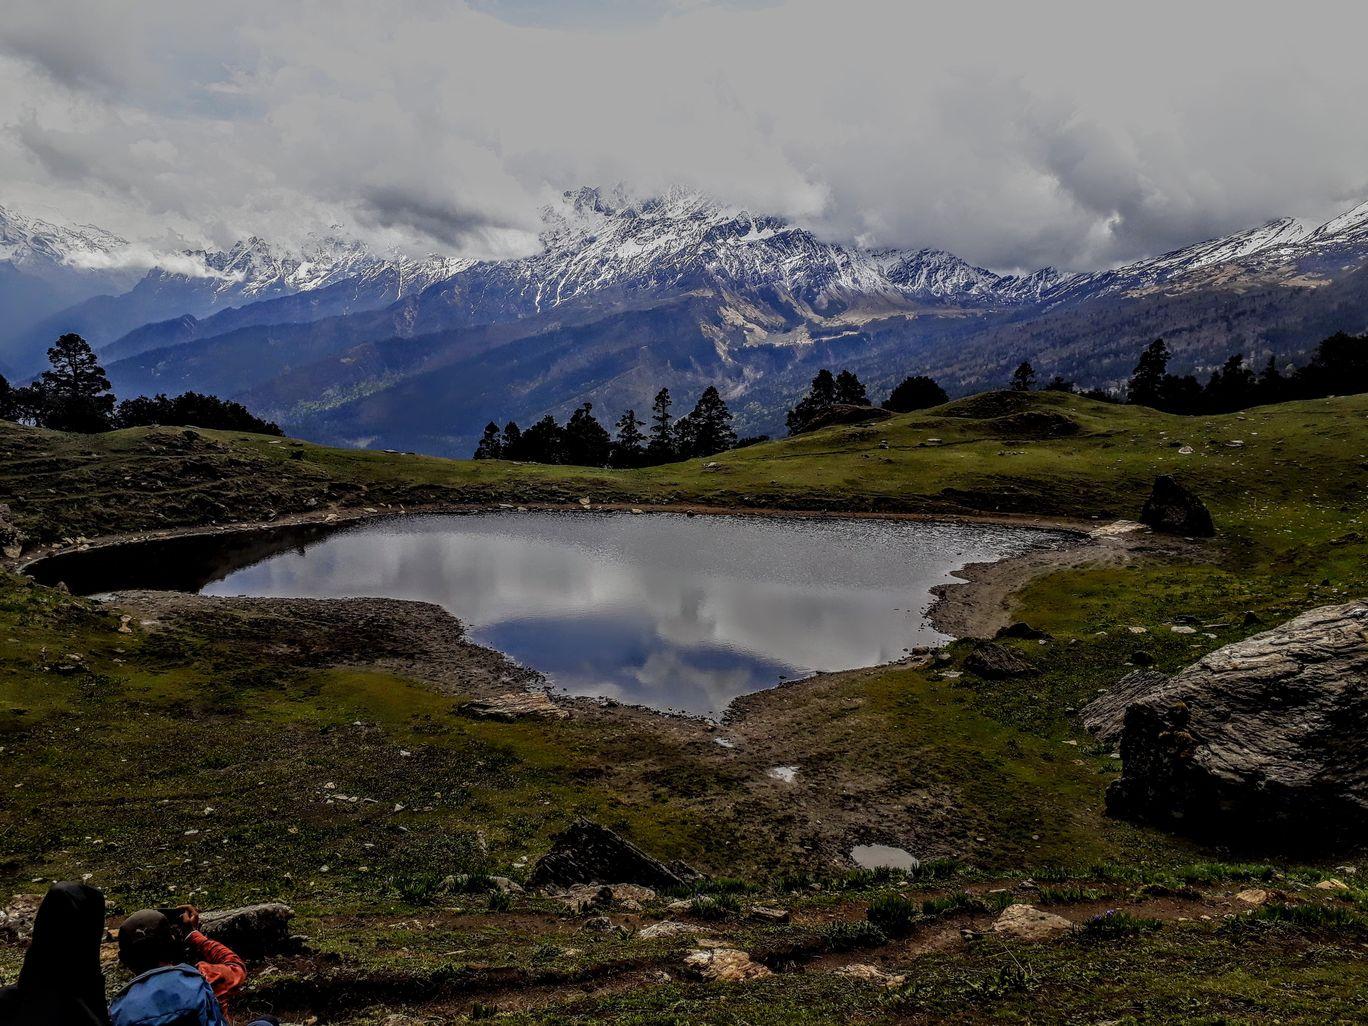 Photo of Khullara Campsite By Abhishek Kumar